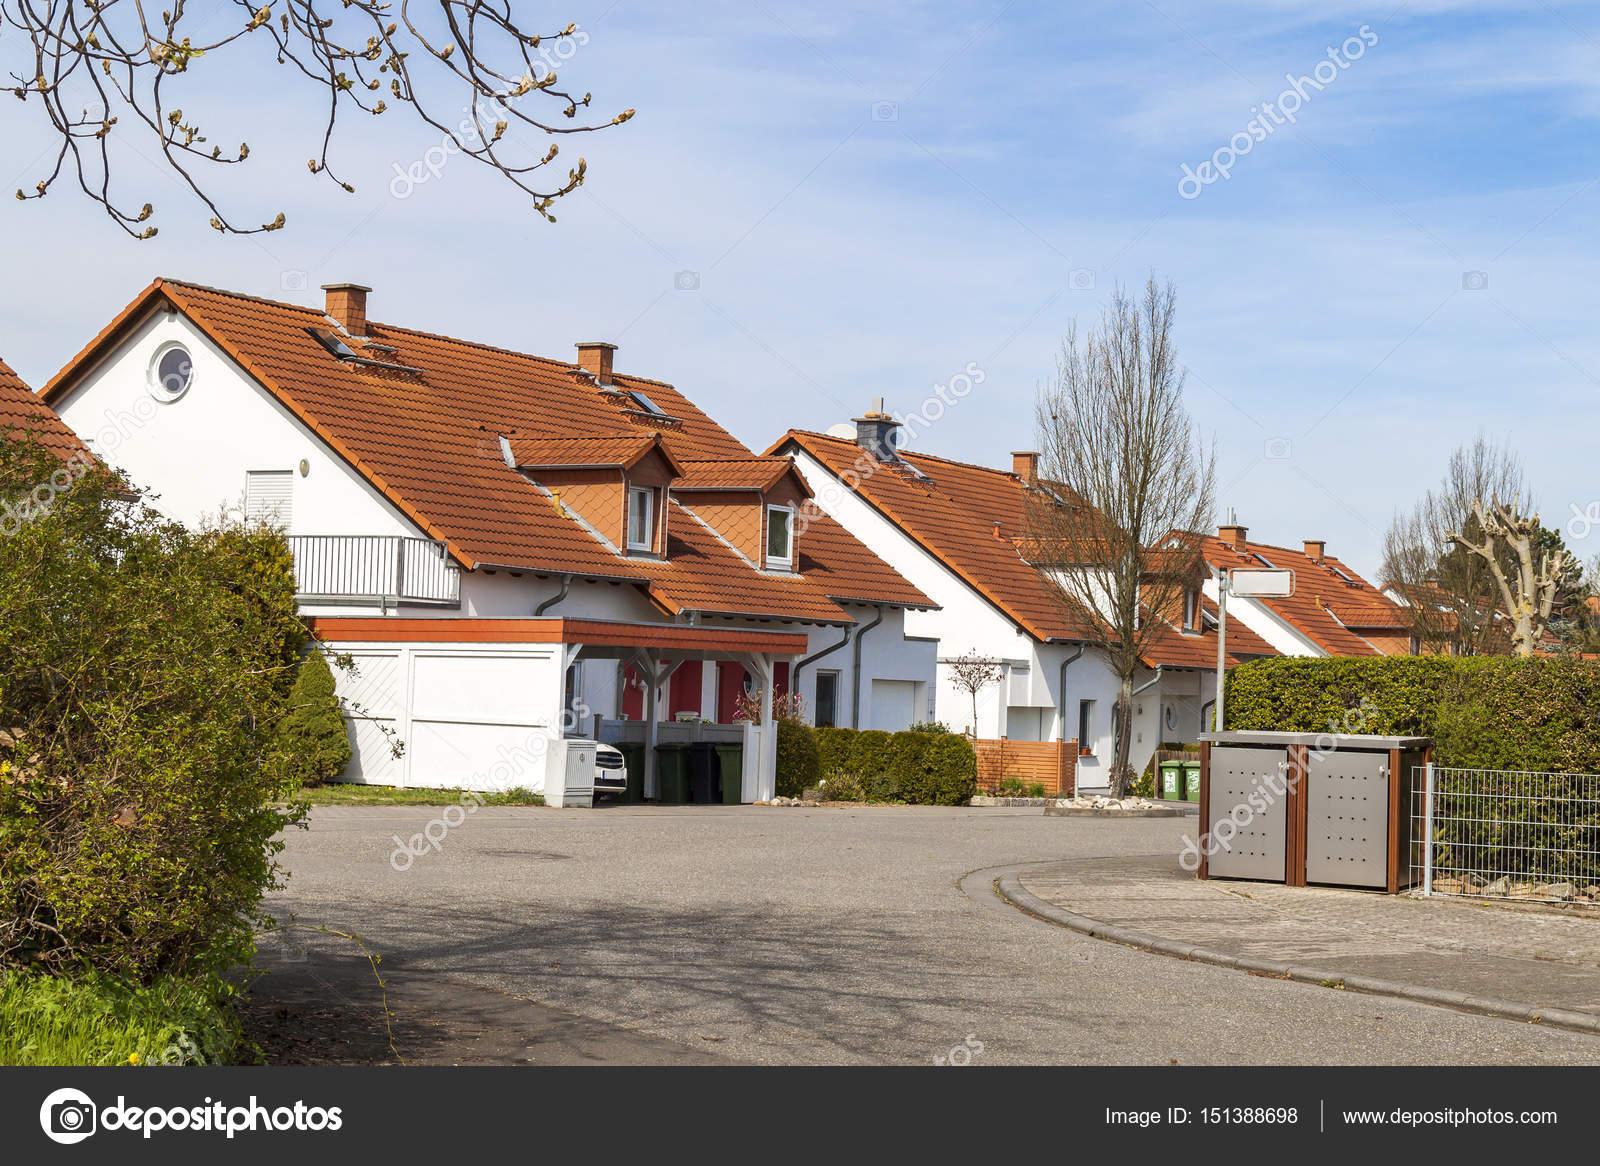 Classique allemand résidentiel maisons avec des tuiles de toiture ...